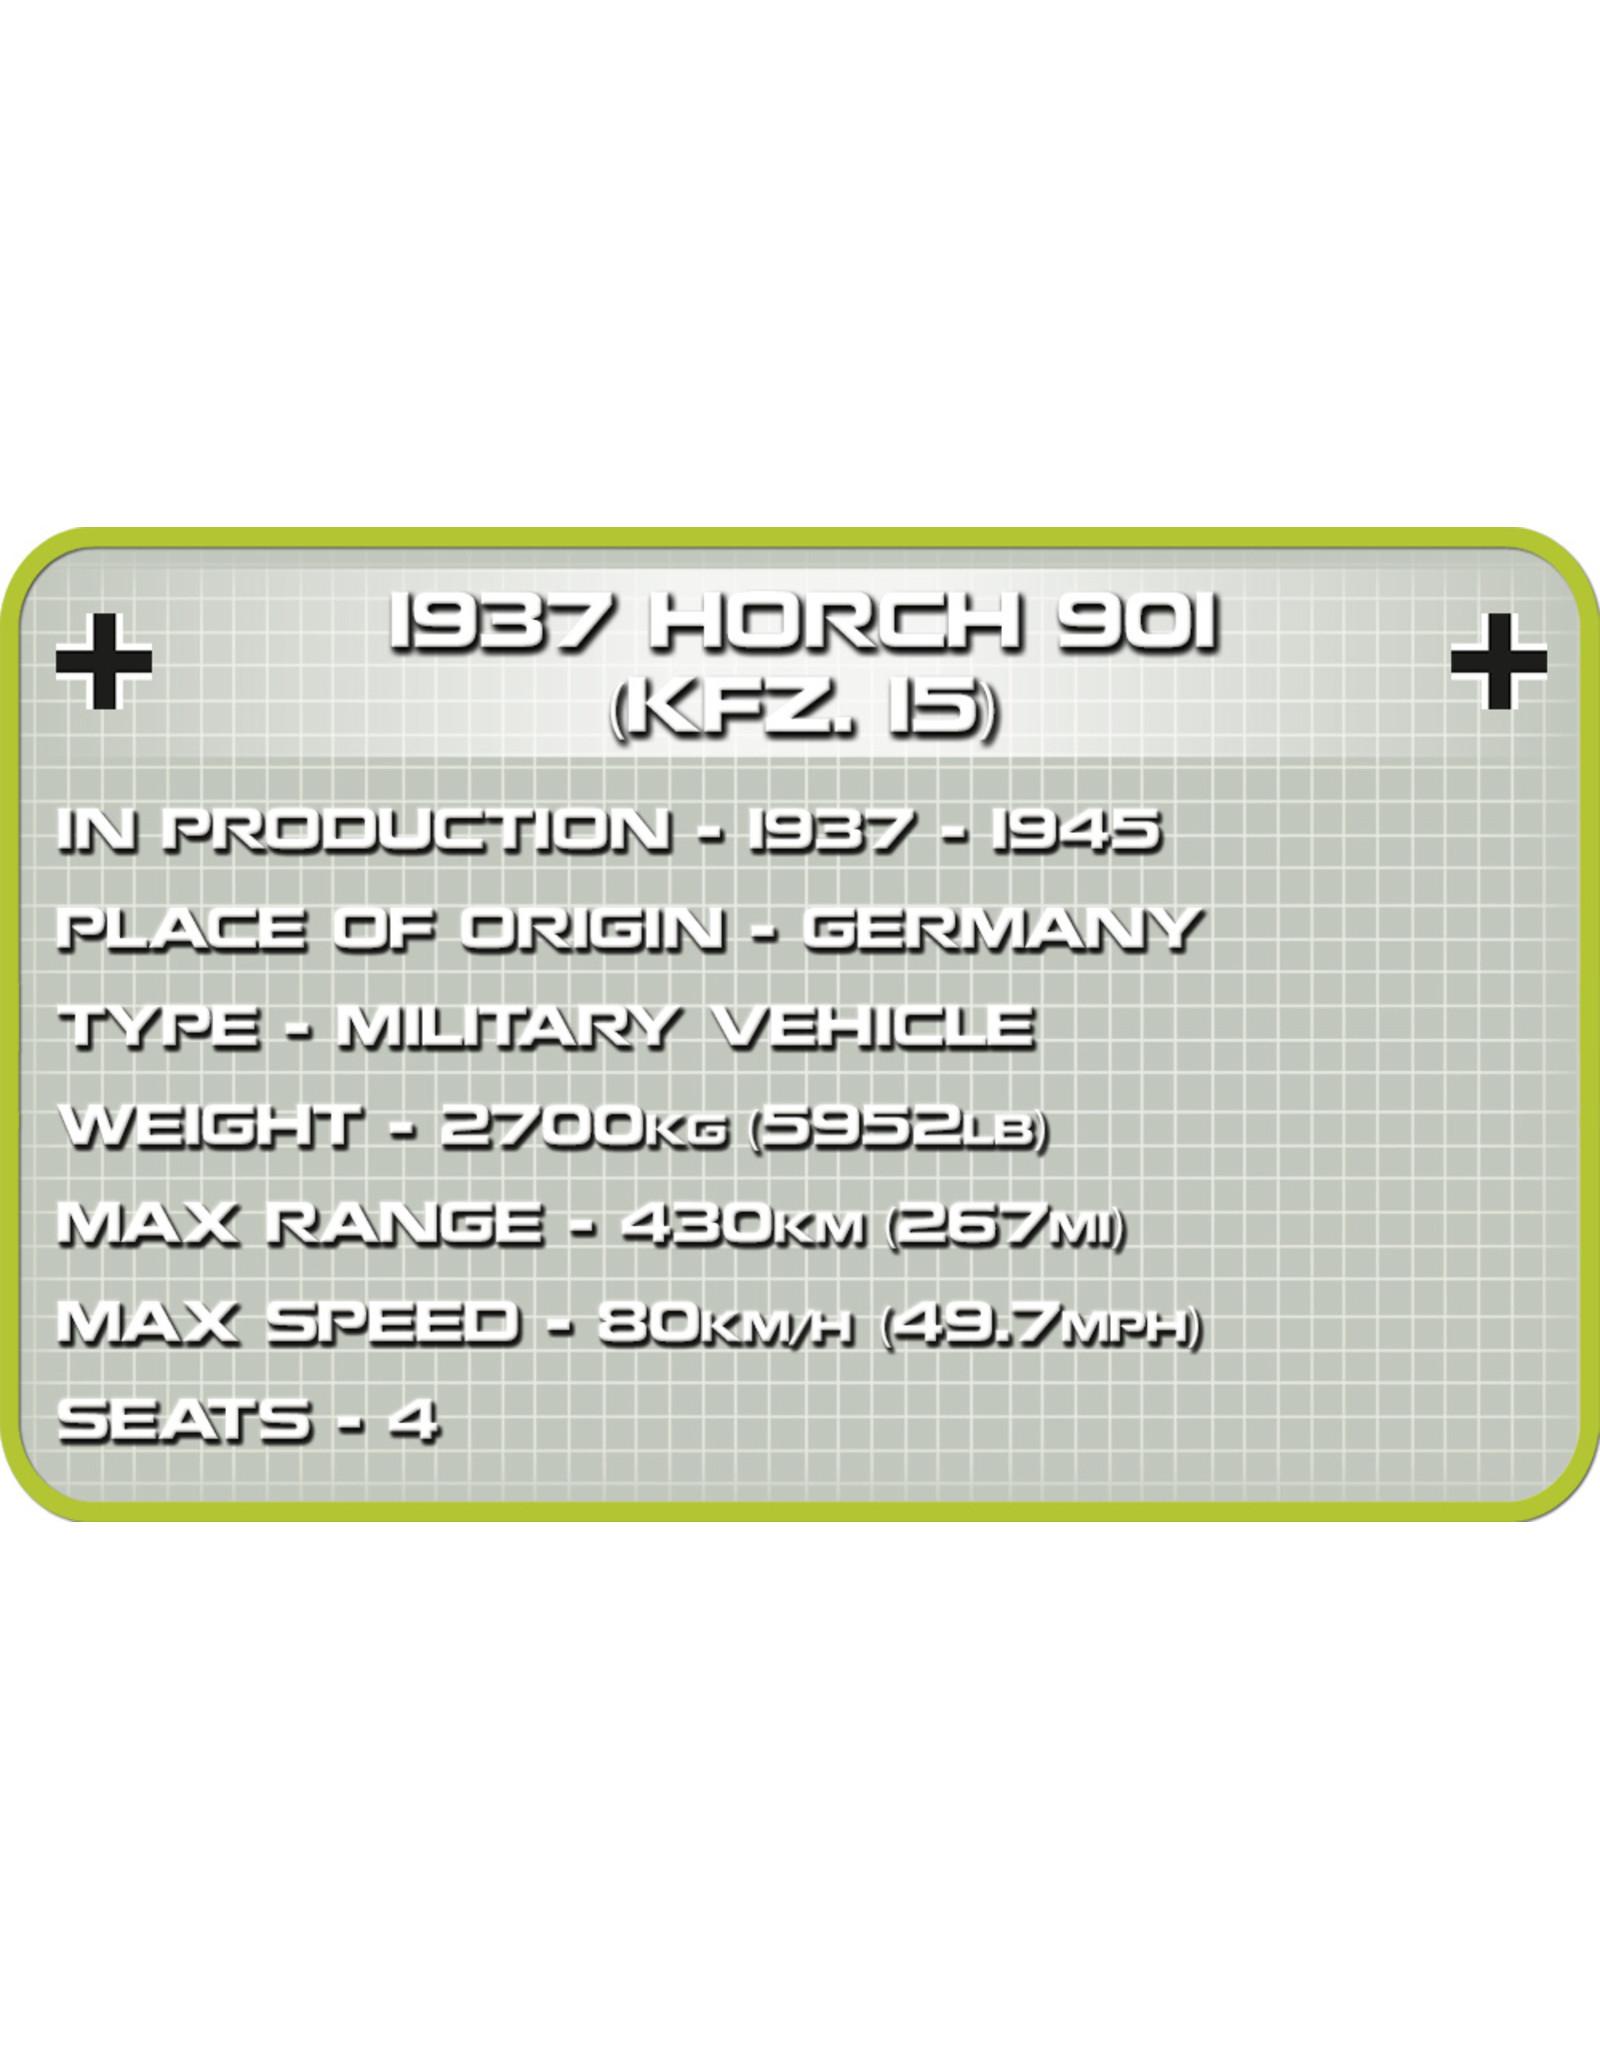 COBI COBI  2256 - Horch 901 KFZ.15 1937